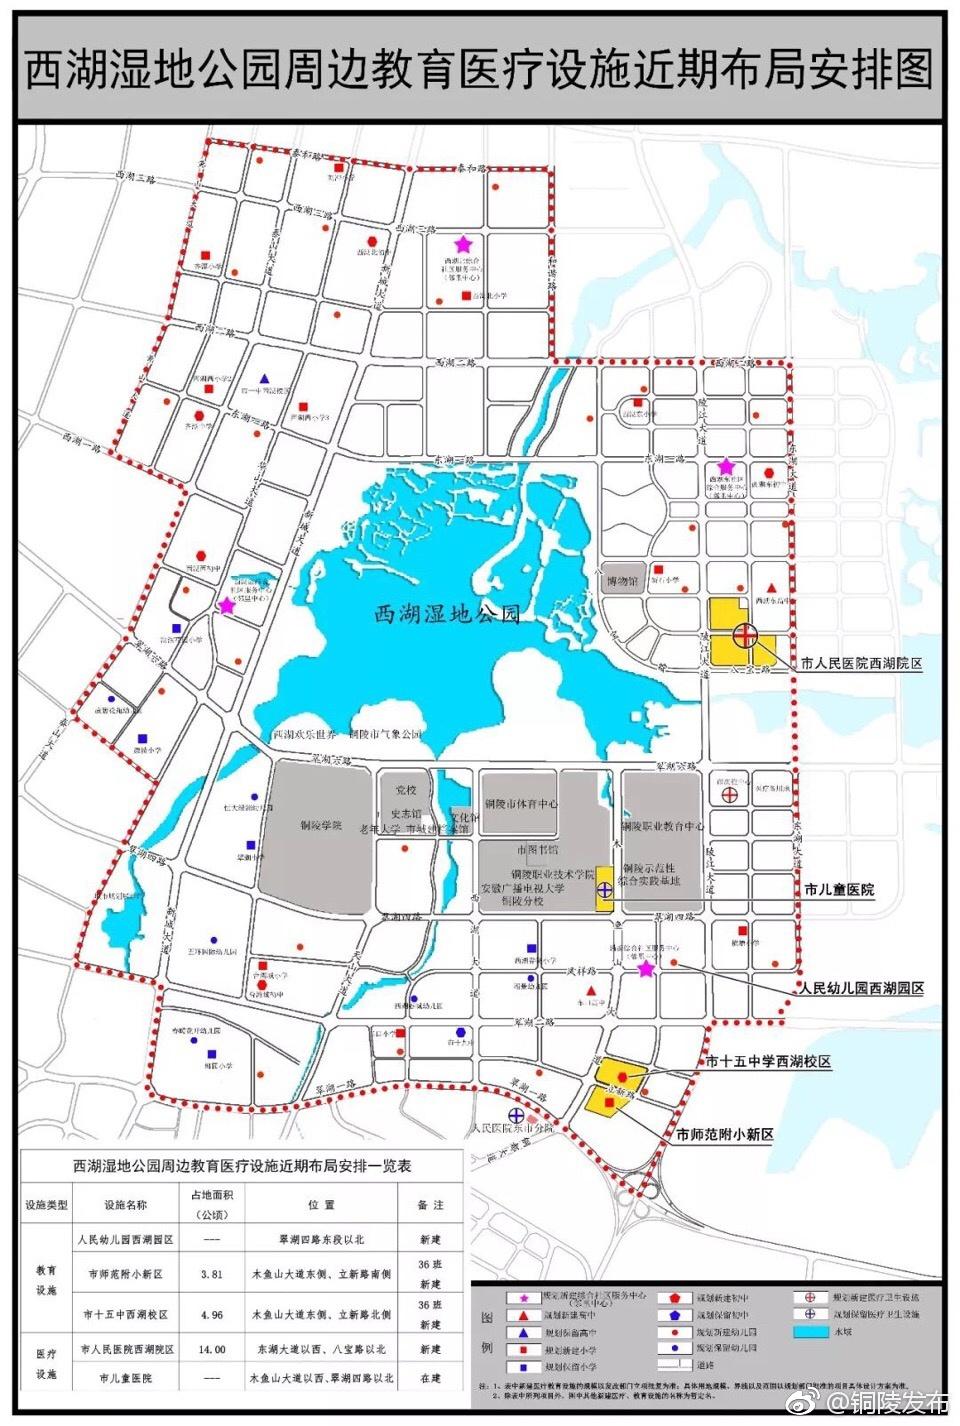 关于西湖湿地公园周边教育医疗设施近期布局安排的公告图片